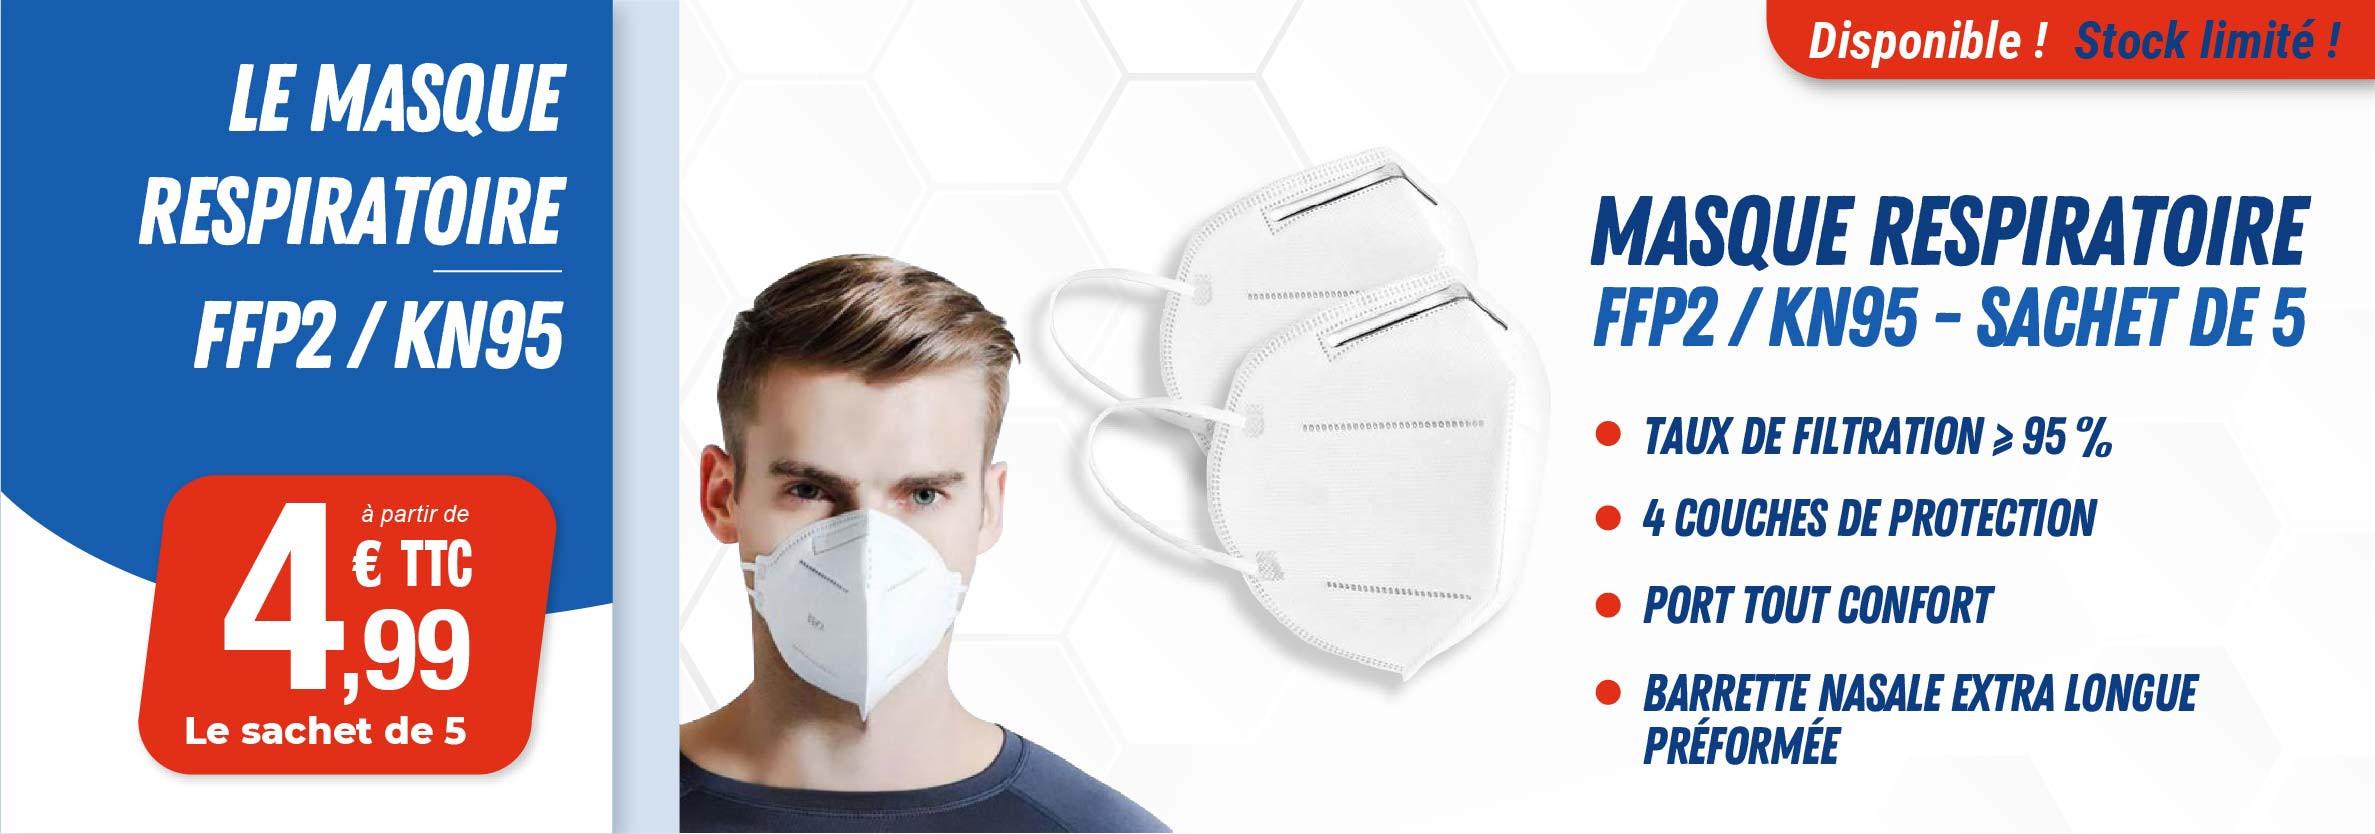 Masques FFP2/KN95